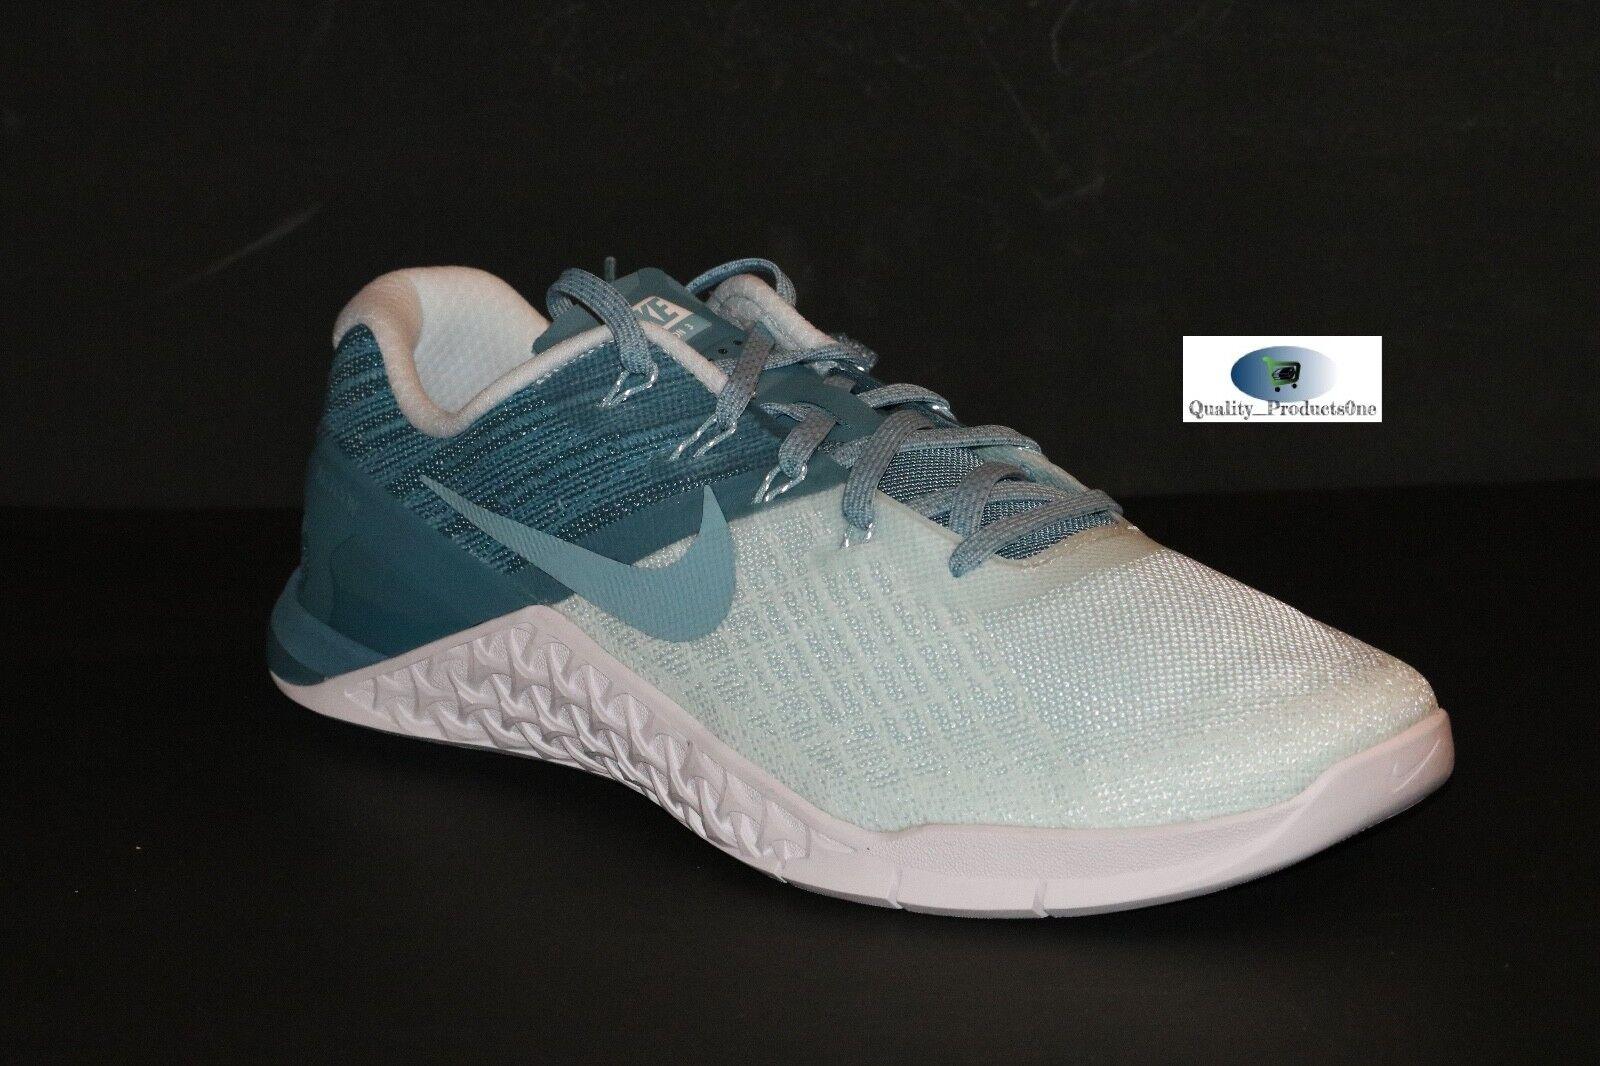 683818-201 course nike air chaussures huarache prime de 8 femmes des chaussures air en peau de serpent cef939